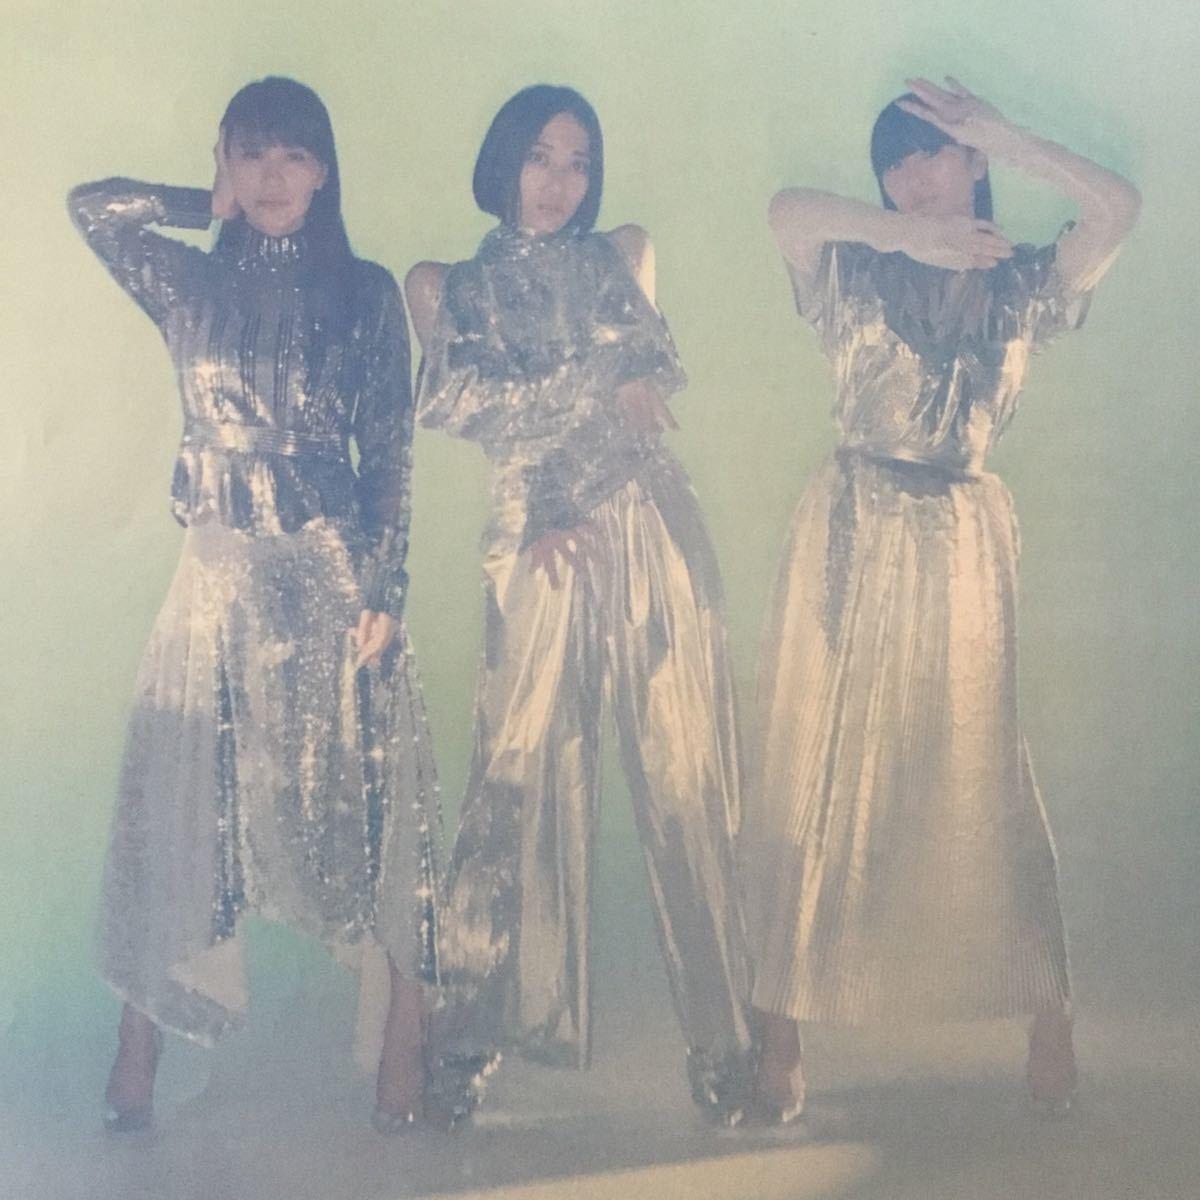 """値下↓Perfume 8th Tour 2020 """"P Cubed""""in Dome (パフューム)/高橋優 LIVE TOUR 2019-2020「free style stroke」ローソンA4チラシ1枚_画像2"""